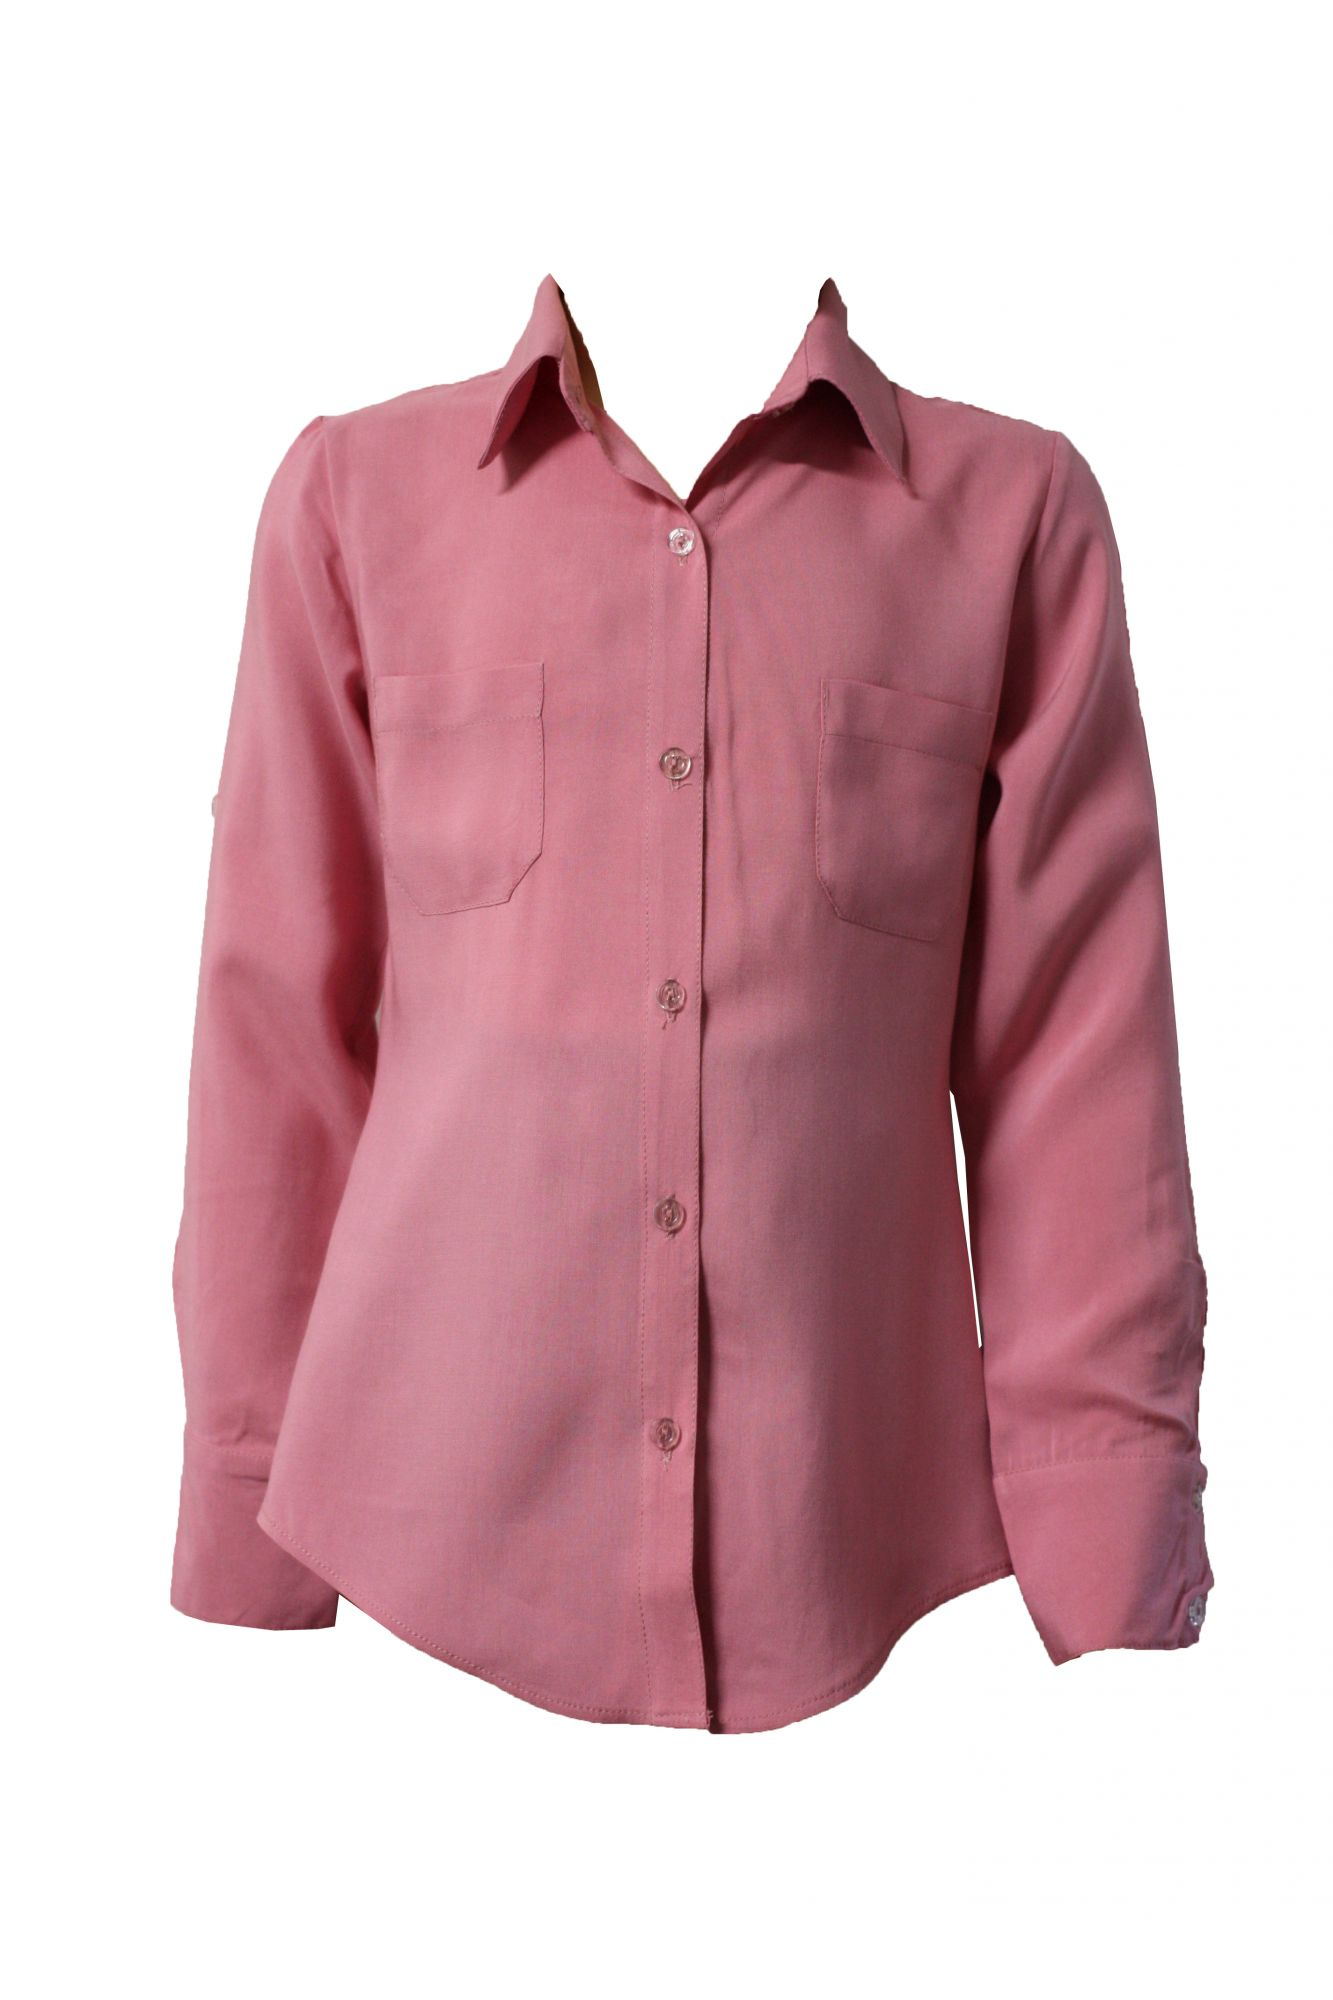 43150 Детская рубашка РОЗОВАЯ (штапель)